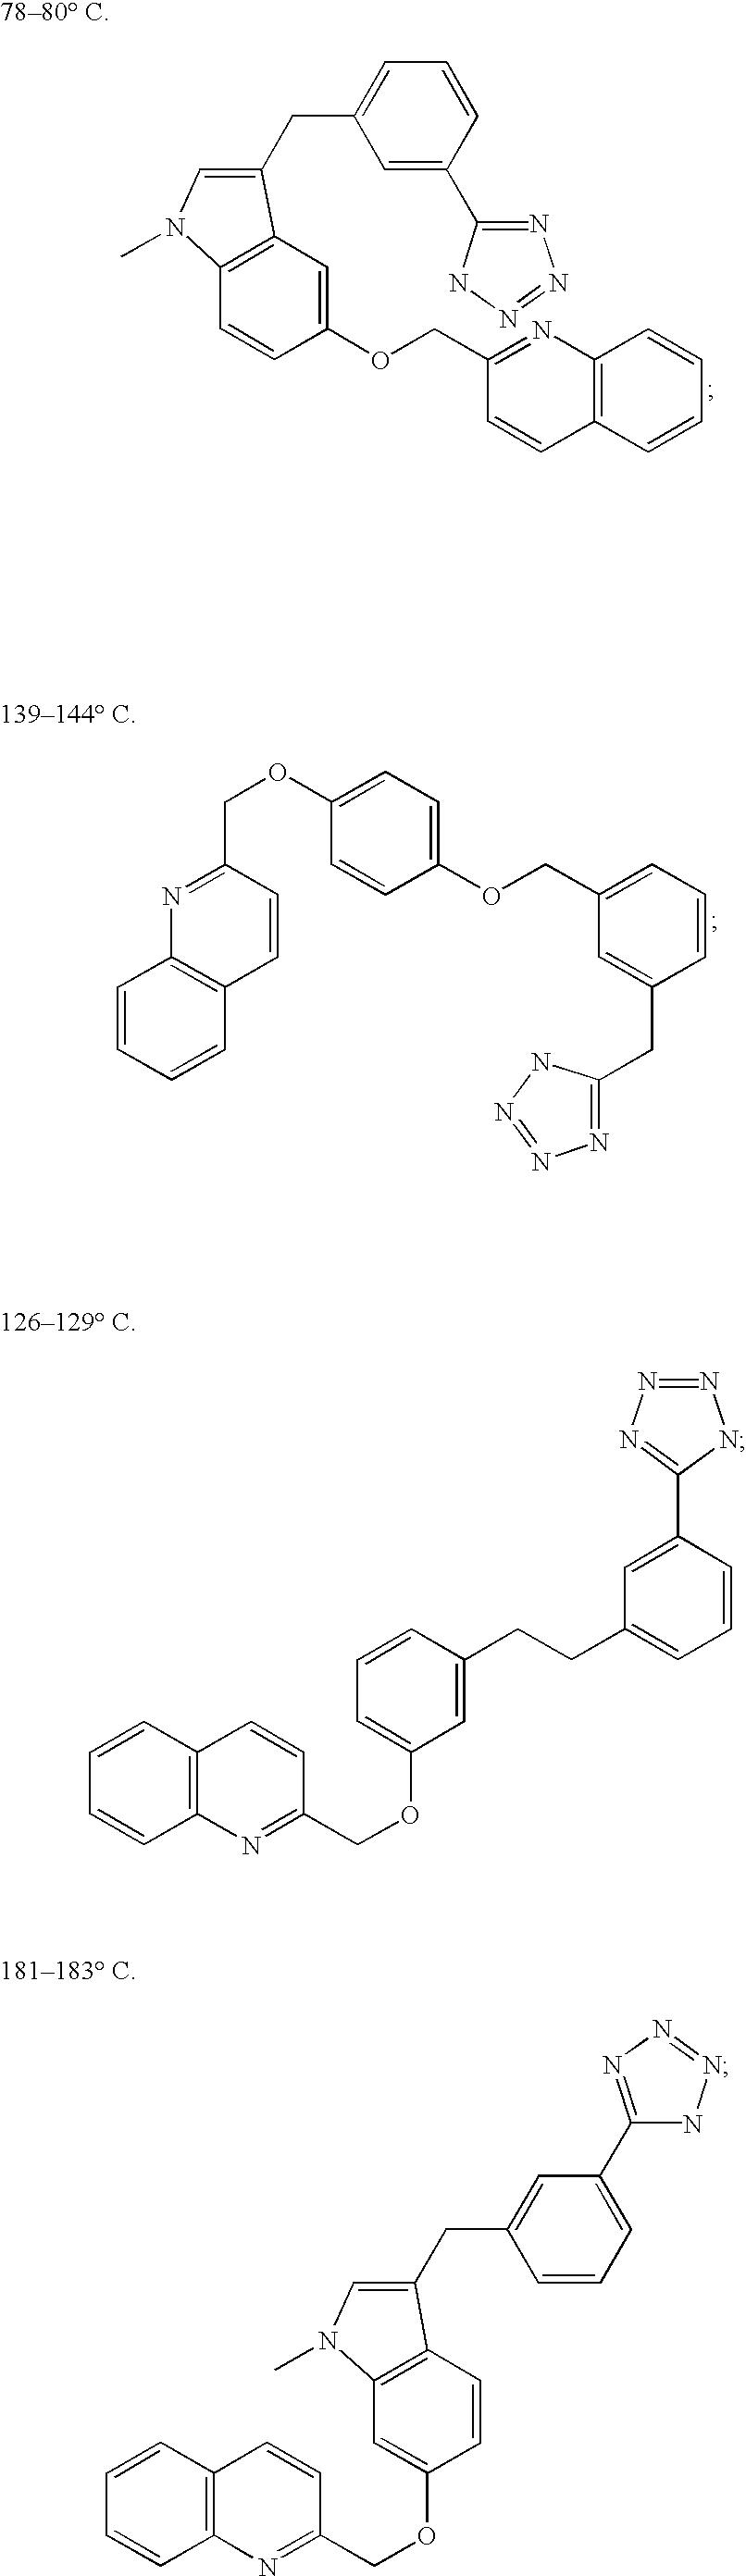 Figure US20030220373A1-20031127-C00048